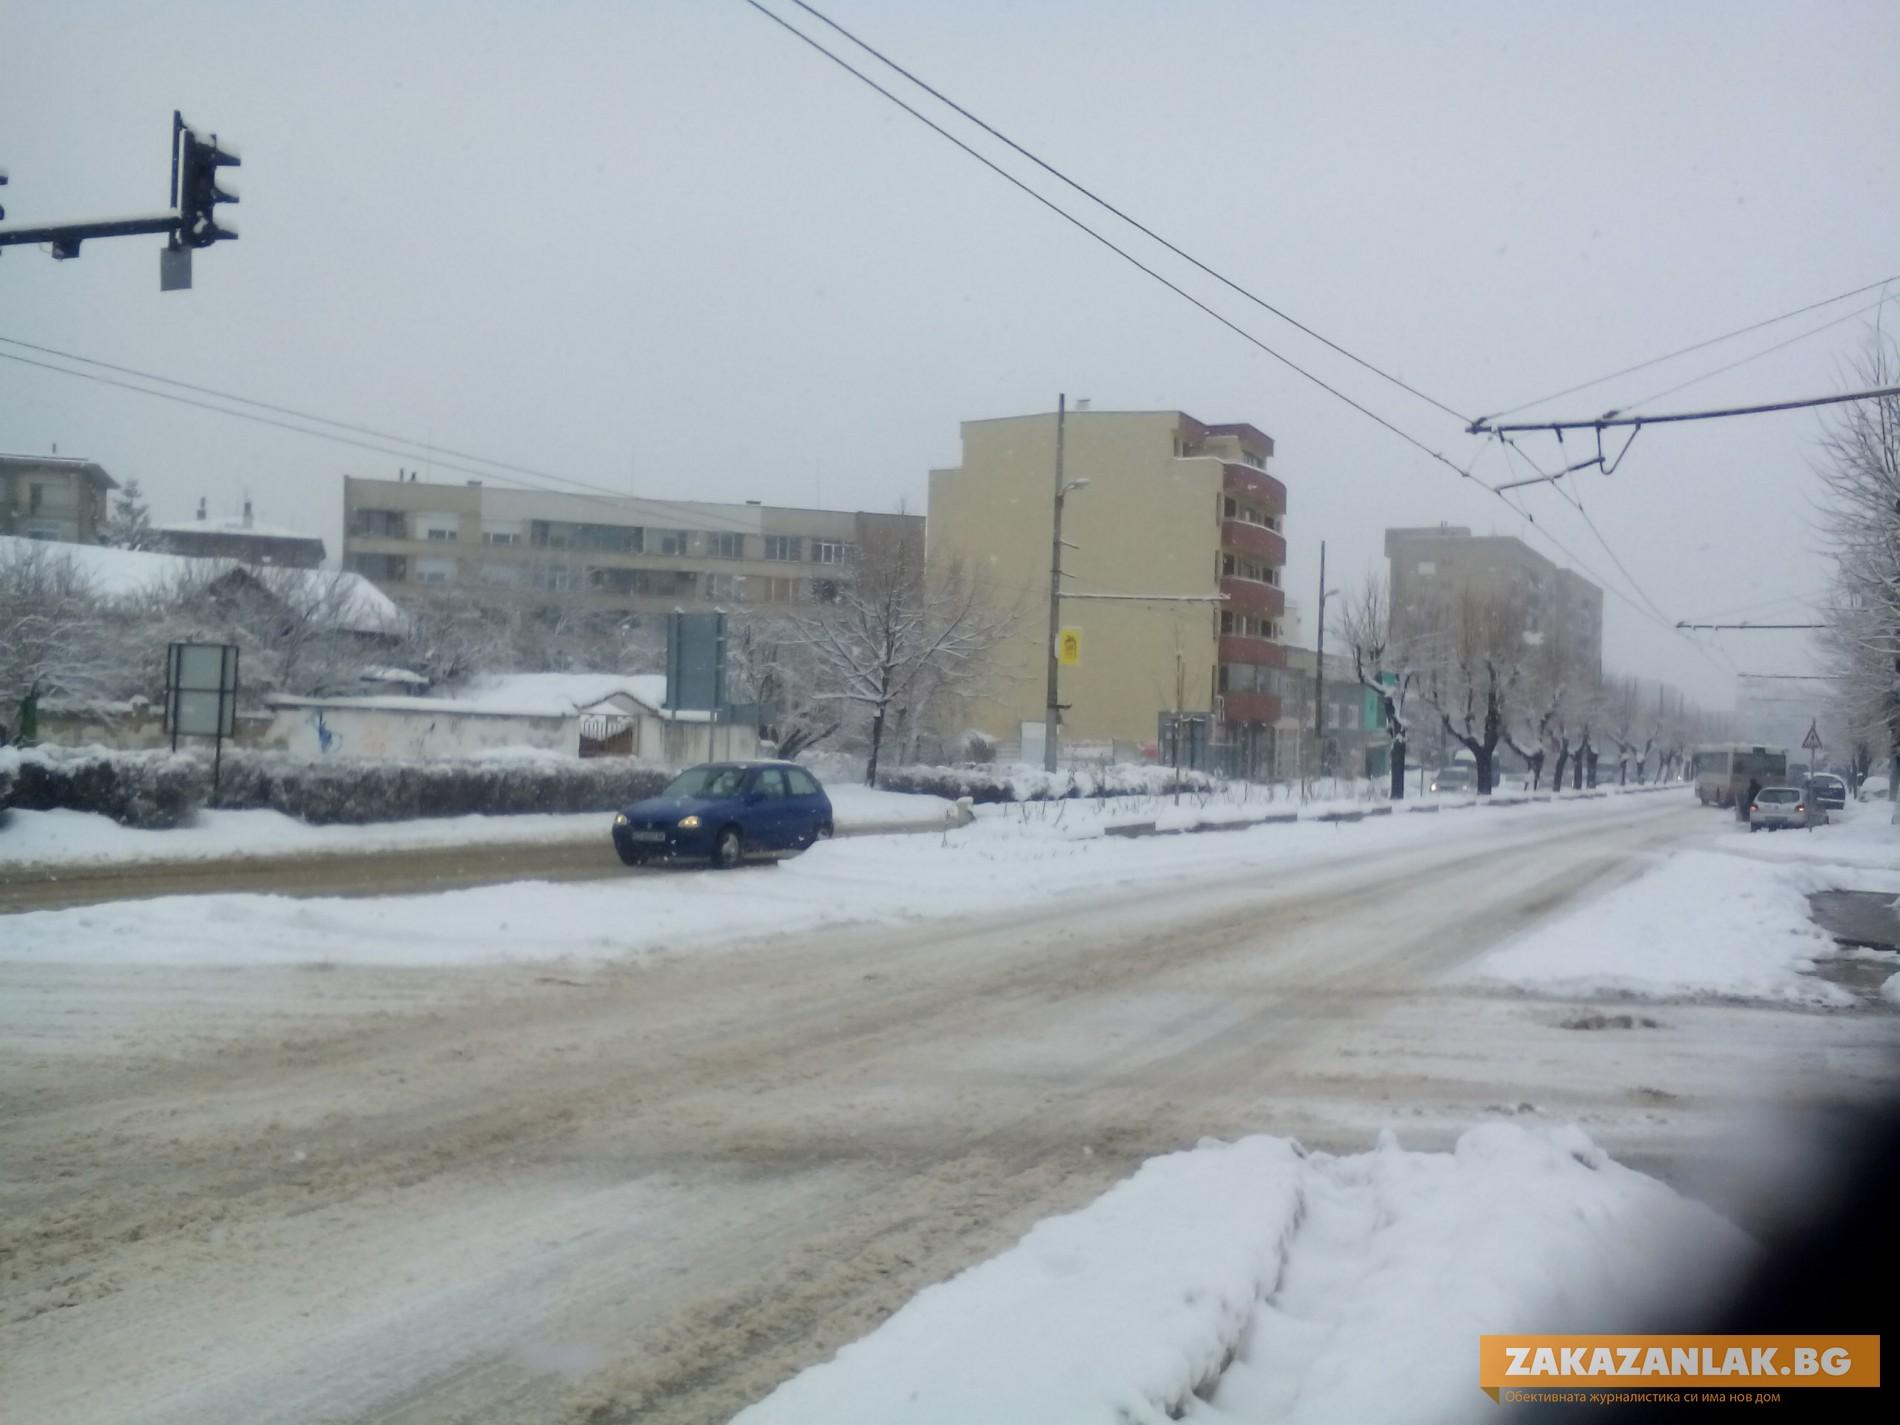 Кой  и как чисти снега в Казанлък пита общински съветник